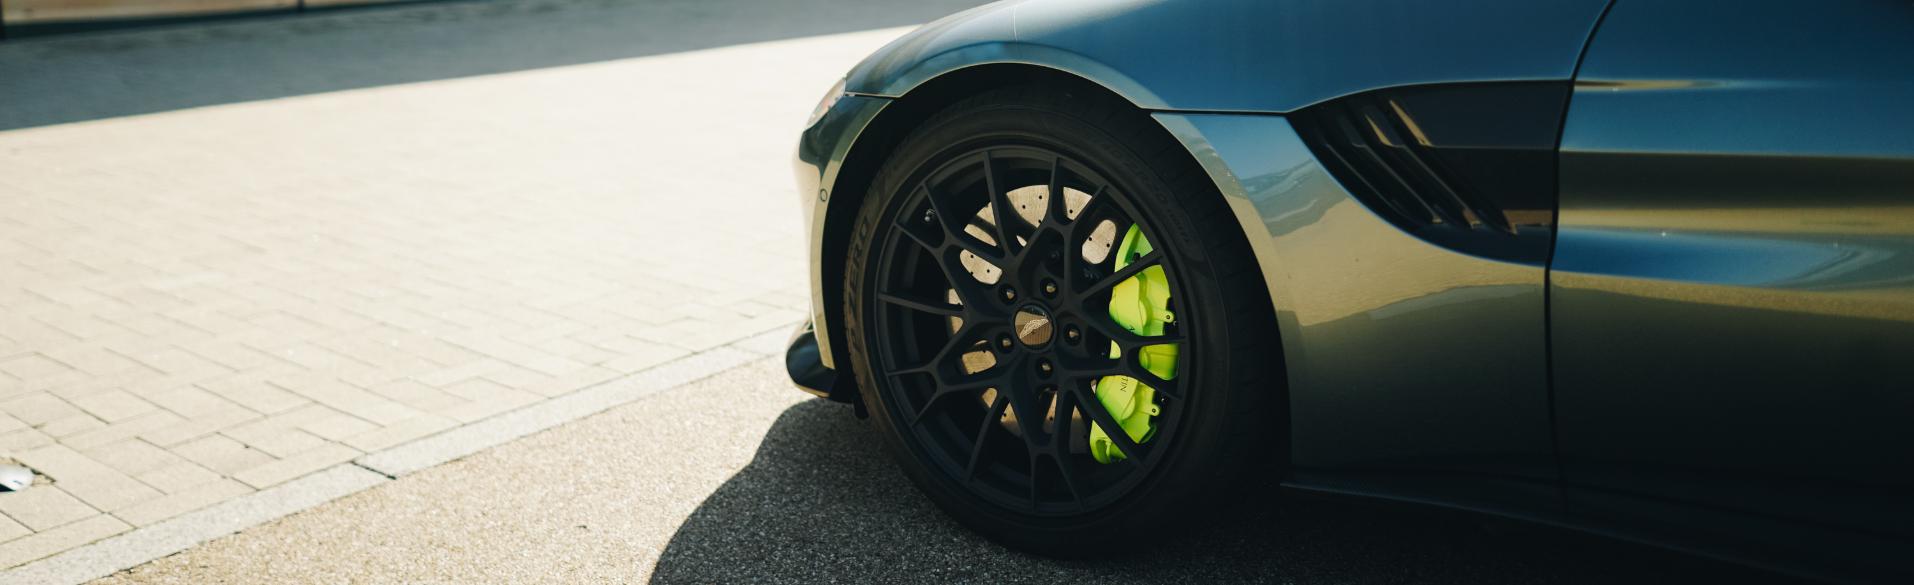 Aston Martin Vantage AMR Brakes